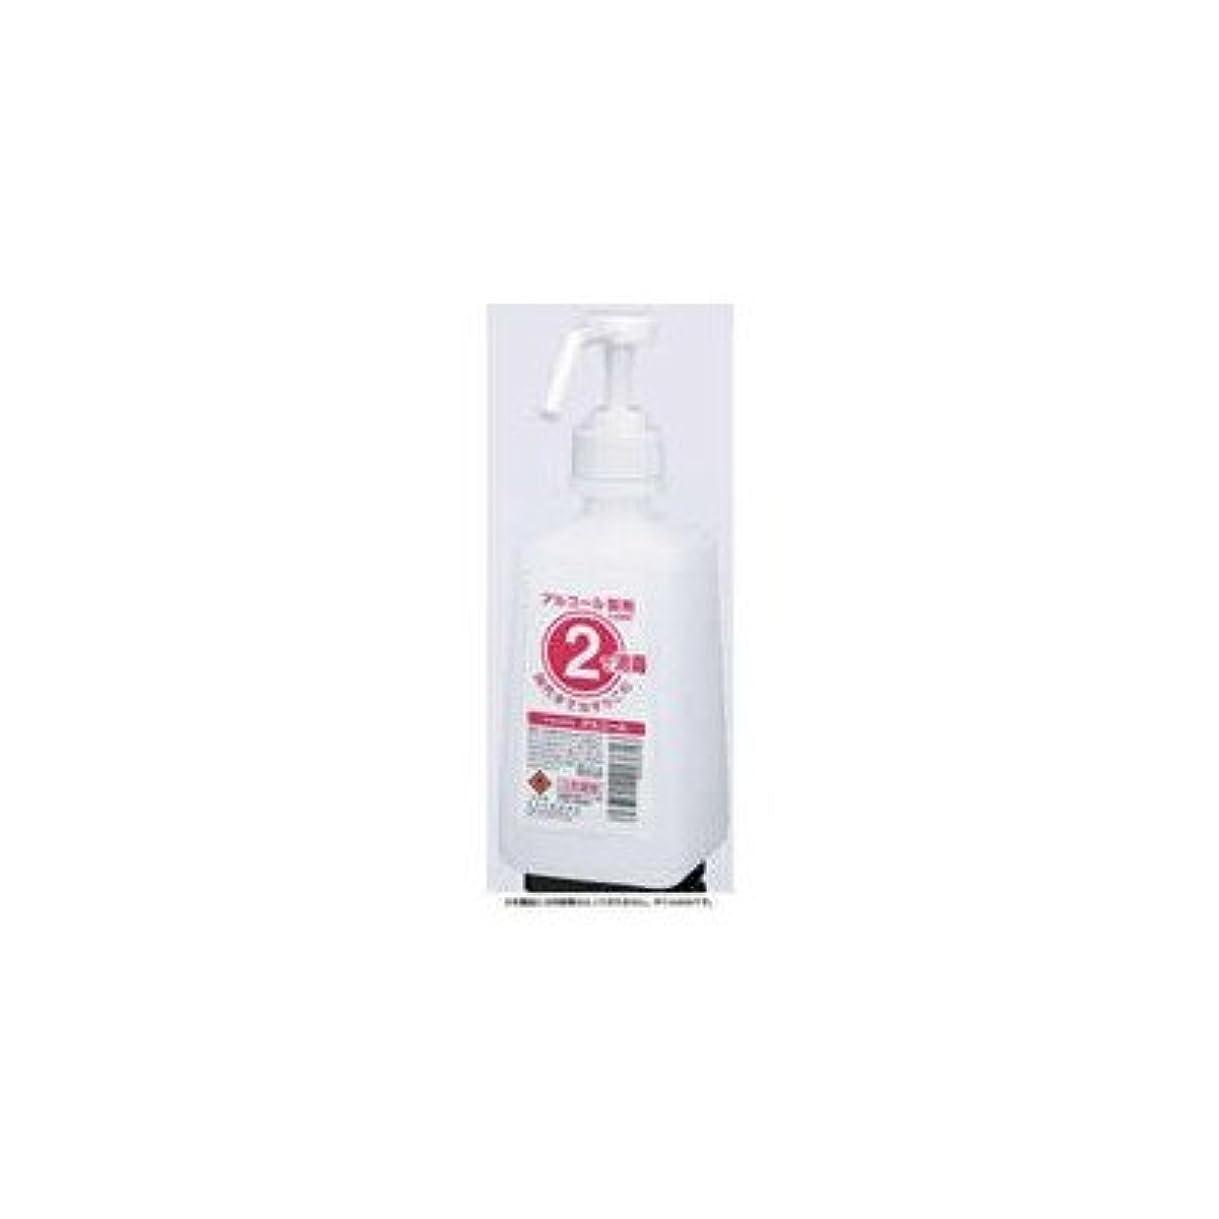 器具精神タイヤアルコール消毒用2ボトル 1Lタイプ サラヤ 2ボトル 噴射ポンプ付 手指消毒剤用 薬液詰替容器 500ml×12本